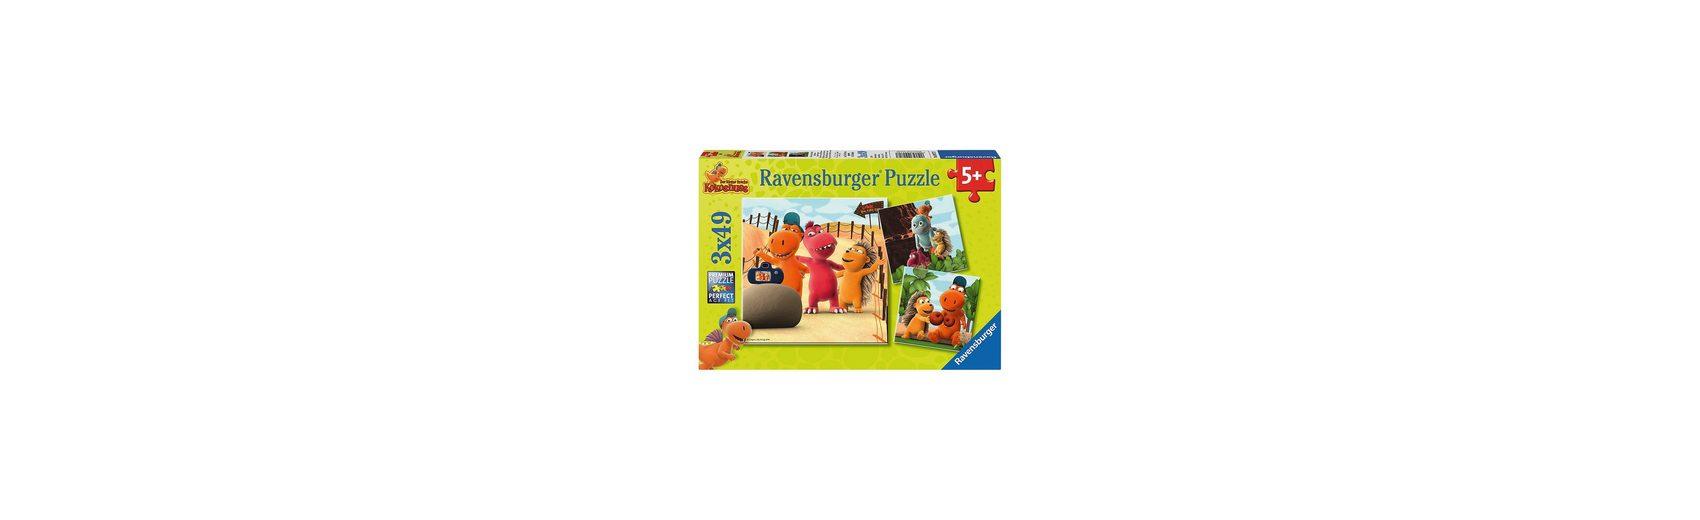 Ravensburger Puzzleset Der kleine Drache Kokosnuss 3 x 49 Teile